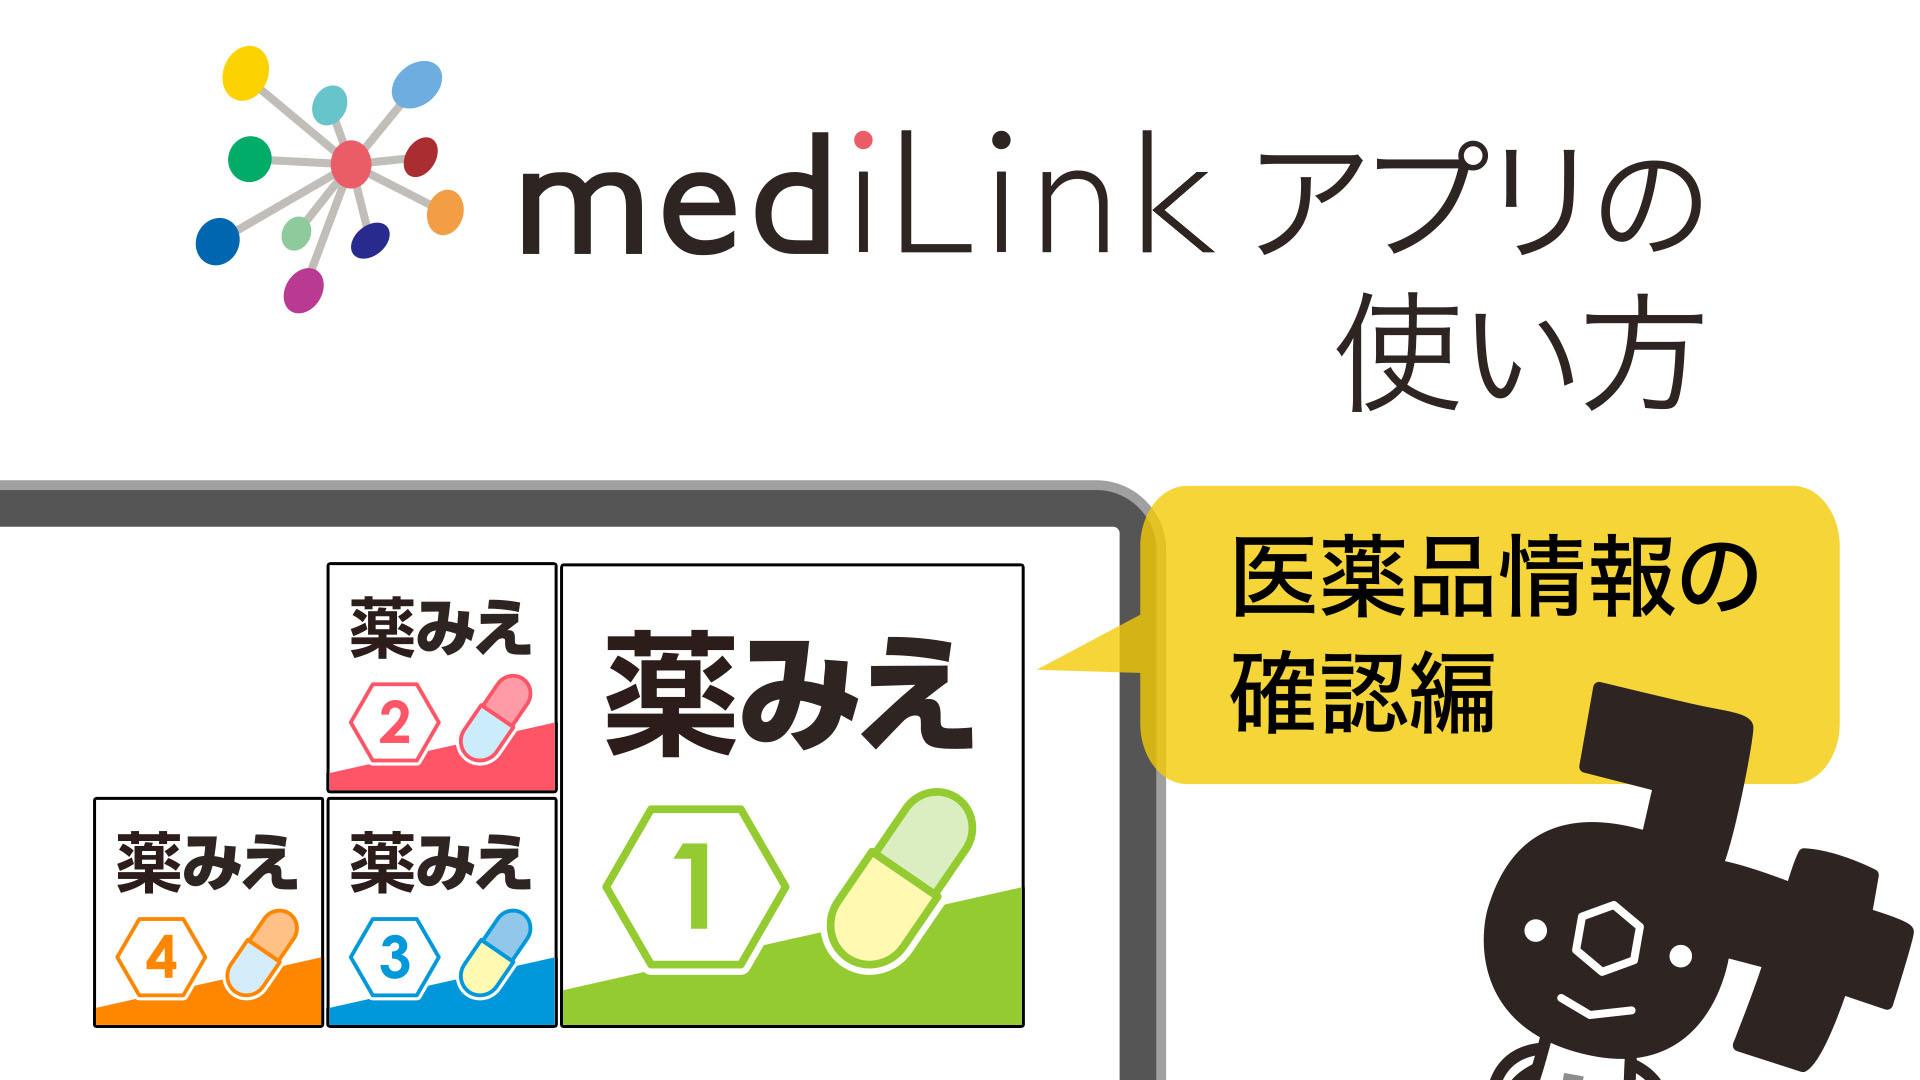 mediLink版『薬がみえるvol.1(第2版)』リリース記念!アプリ版の機能を動画でご紹介!(外部リンク)